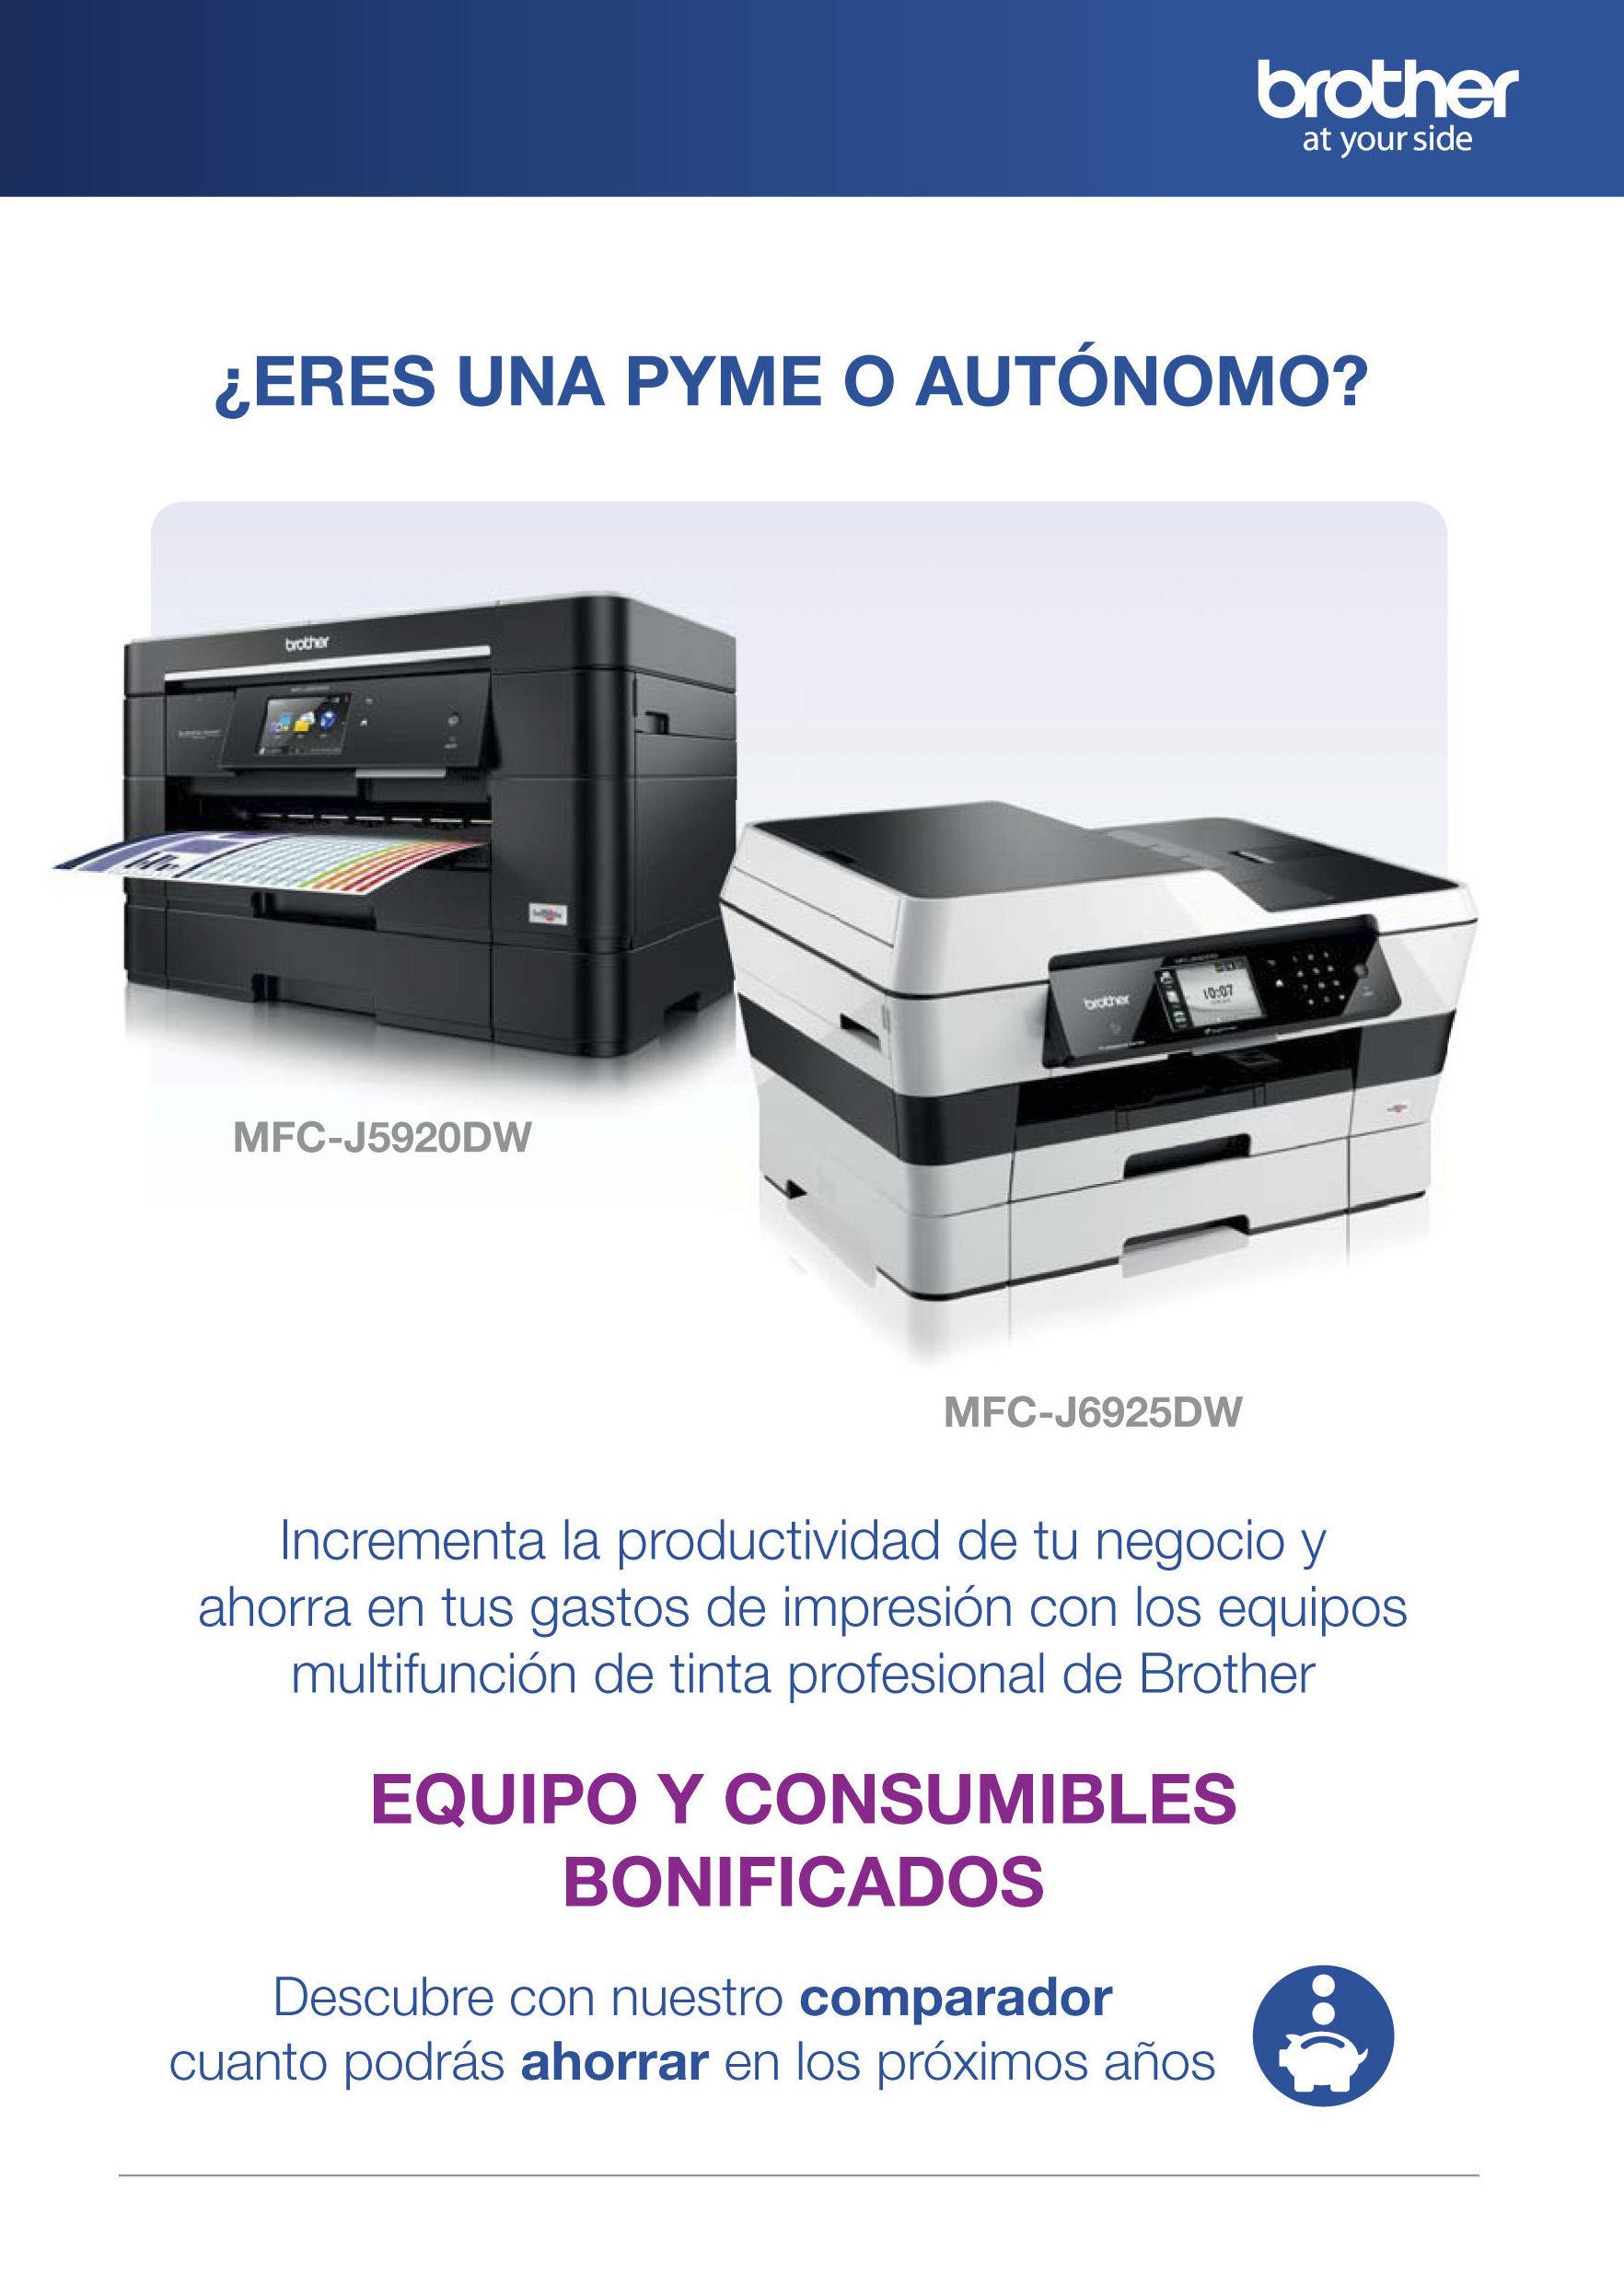 Impresoras con precio de compra y consumibles bonificados Brother.